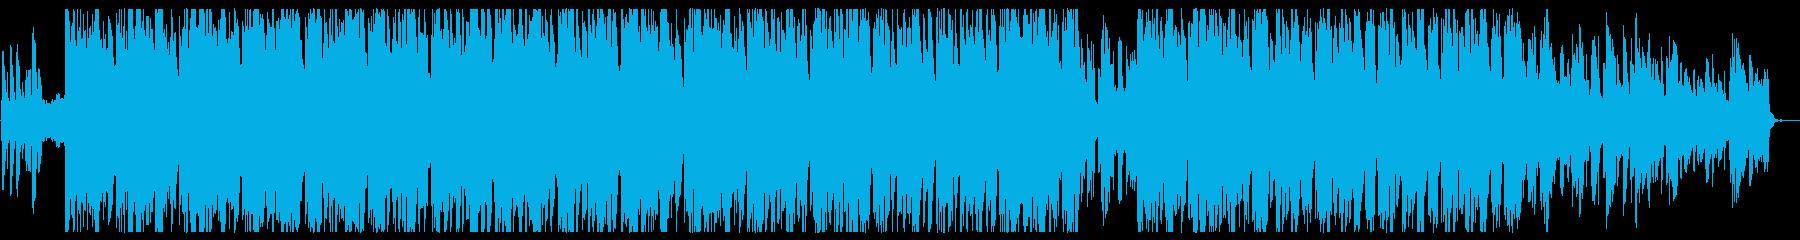 おしゃれなサックス ジャズ&ヒップホップの再生済みの波形